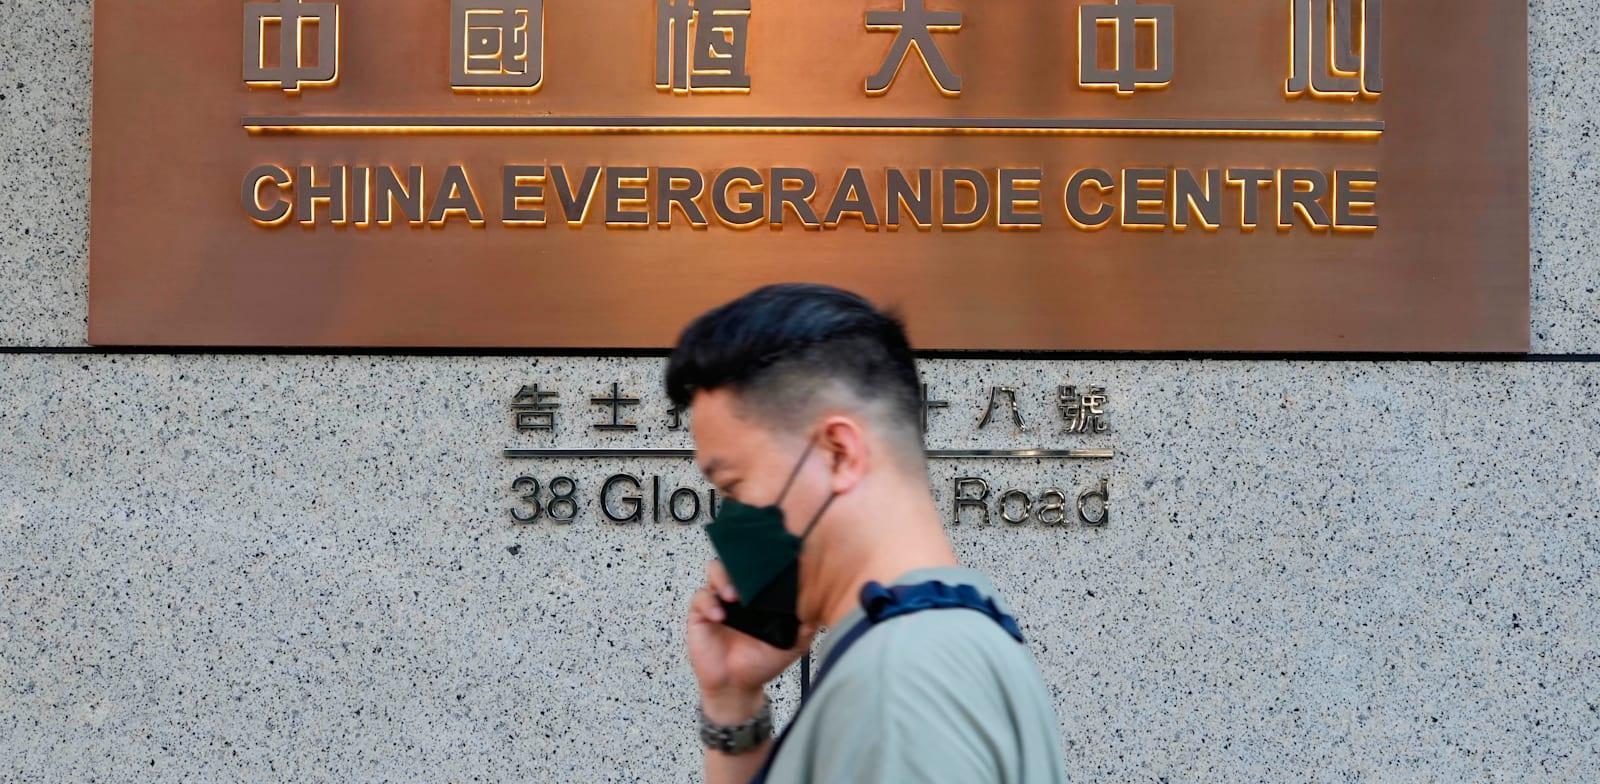 מטה אוורגרנד בהונג קונג. הסתבכותה של ענקית הנדל''ן היא רק סימפטום / צילום: Associated Press, Vincent Yu